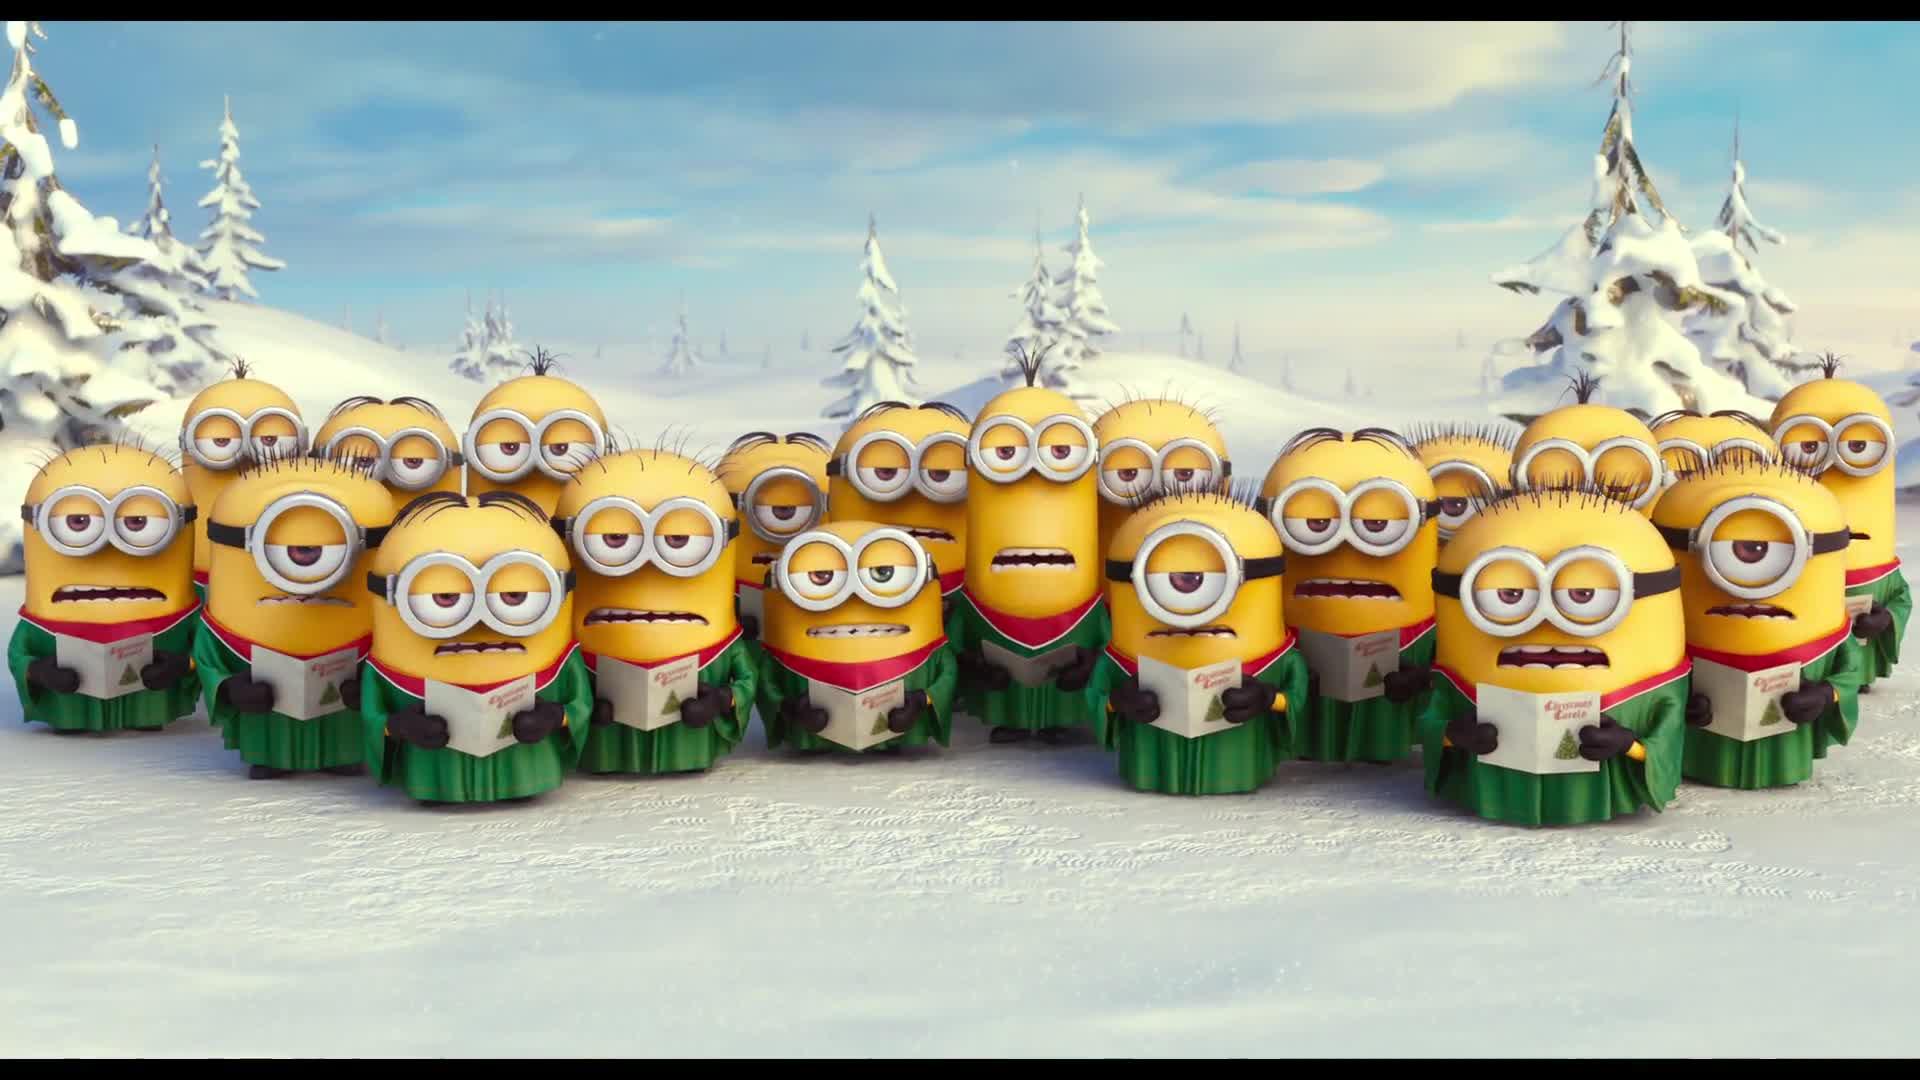 Frohe Weihnachten Minions.Minions Die Minions Wünschen Frohe Weihnachten